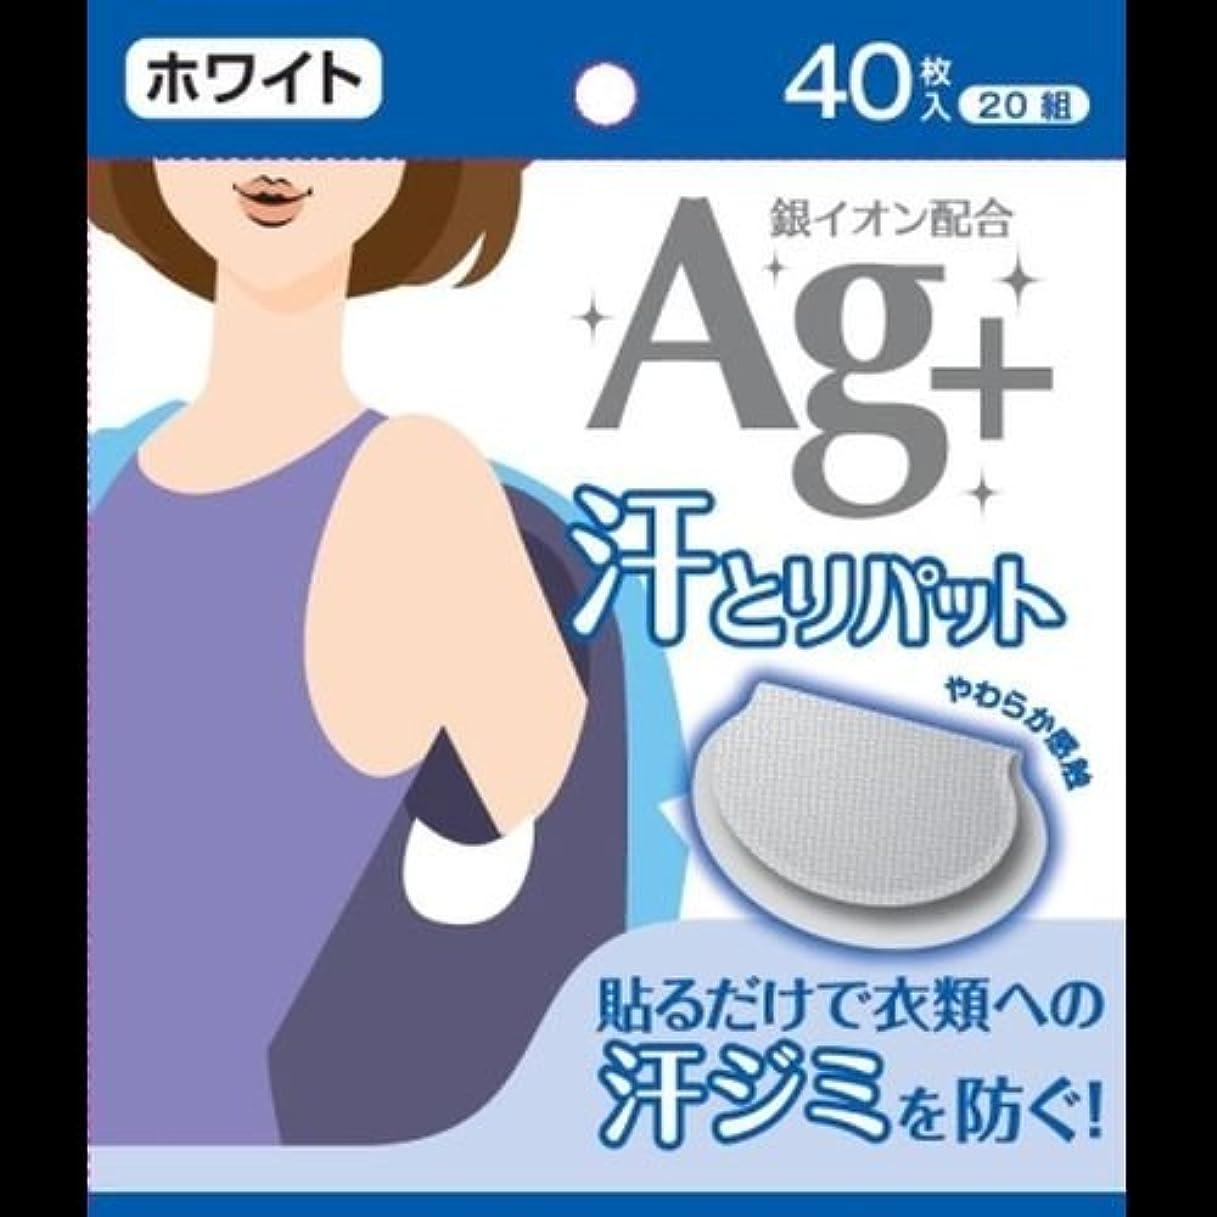 排出伝説日曜日Ag+汗とりパット ホワイト 40枚入(20組) ×2セット